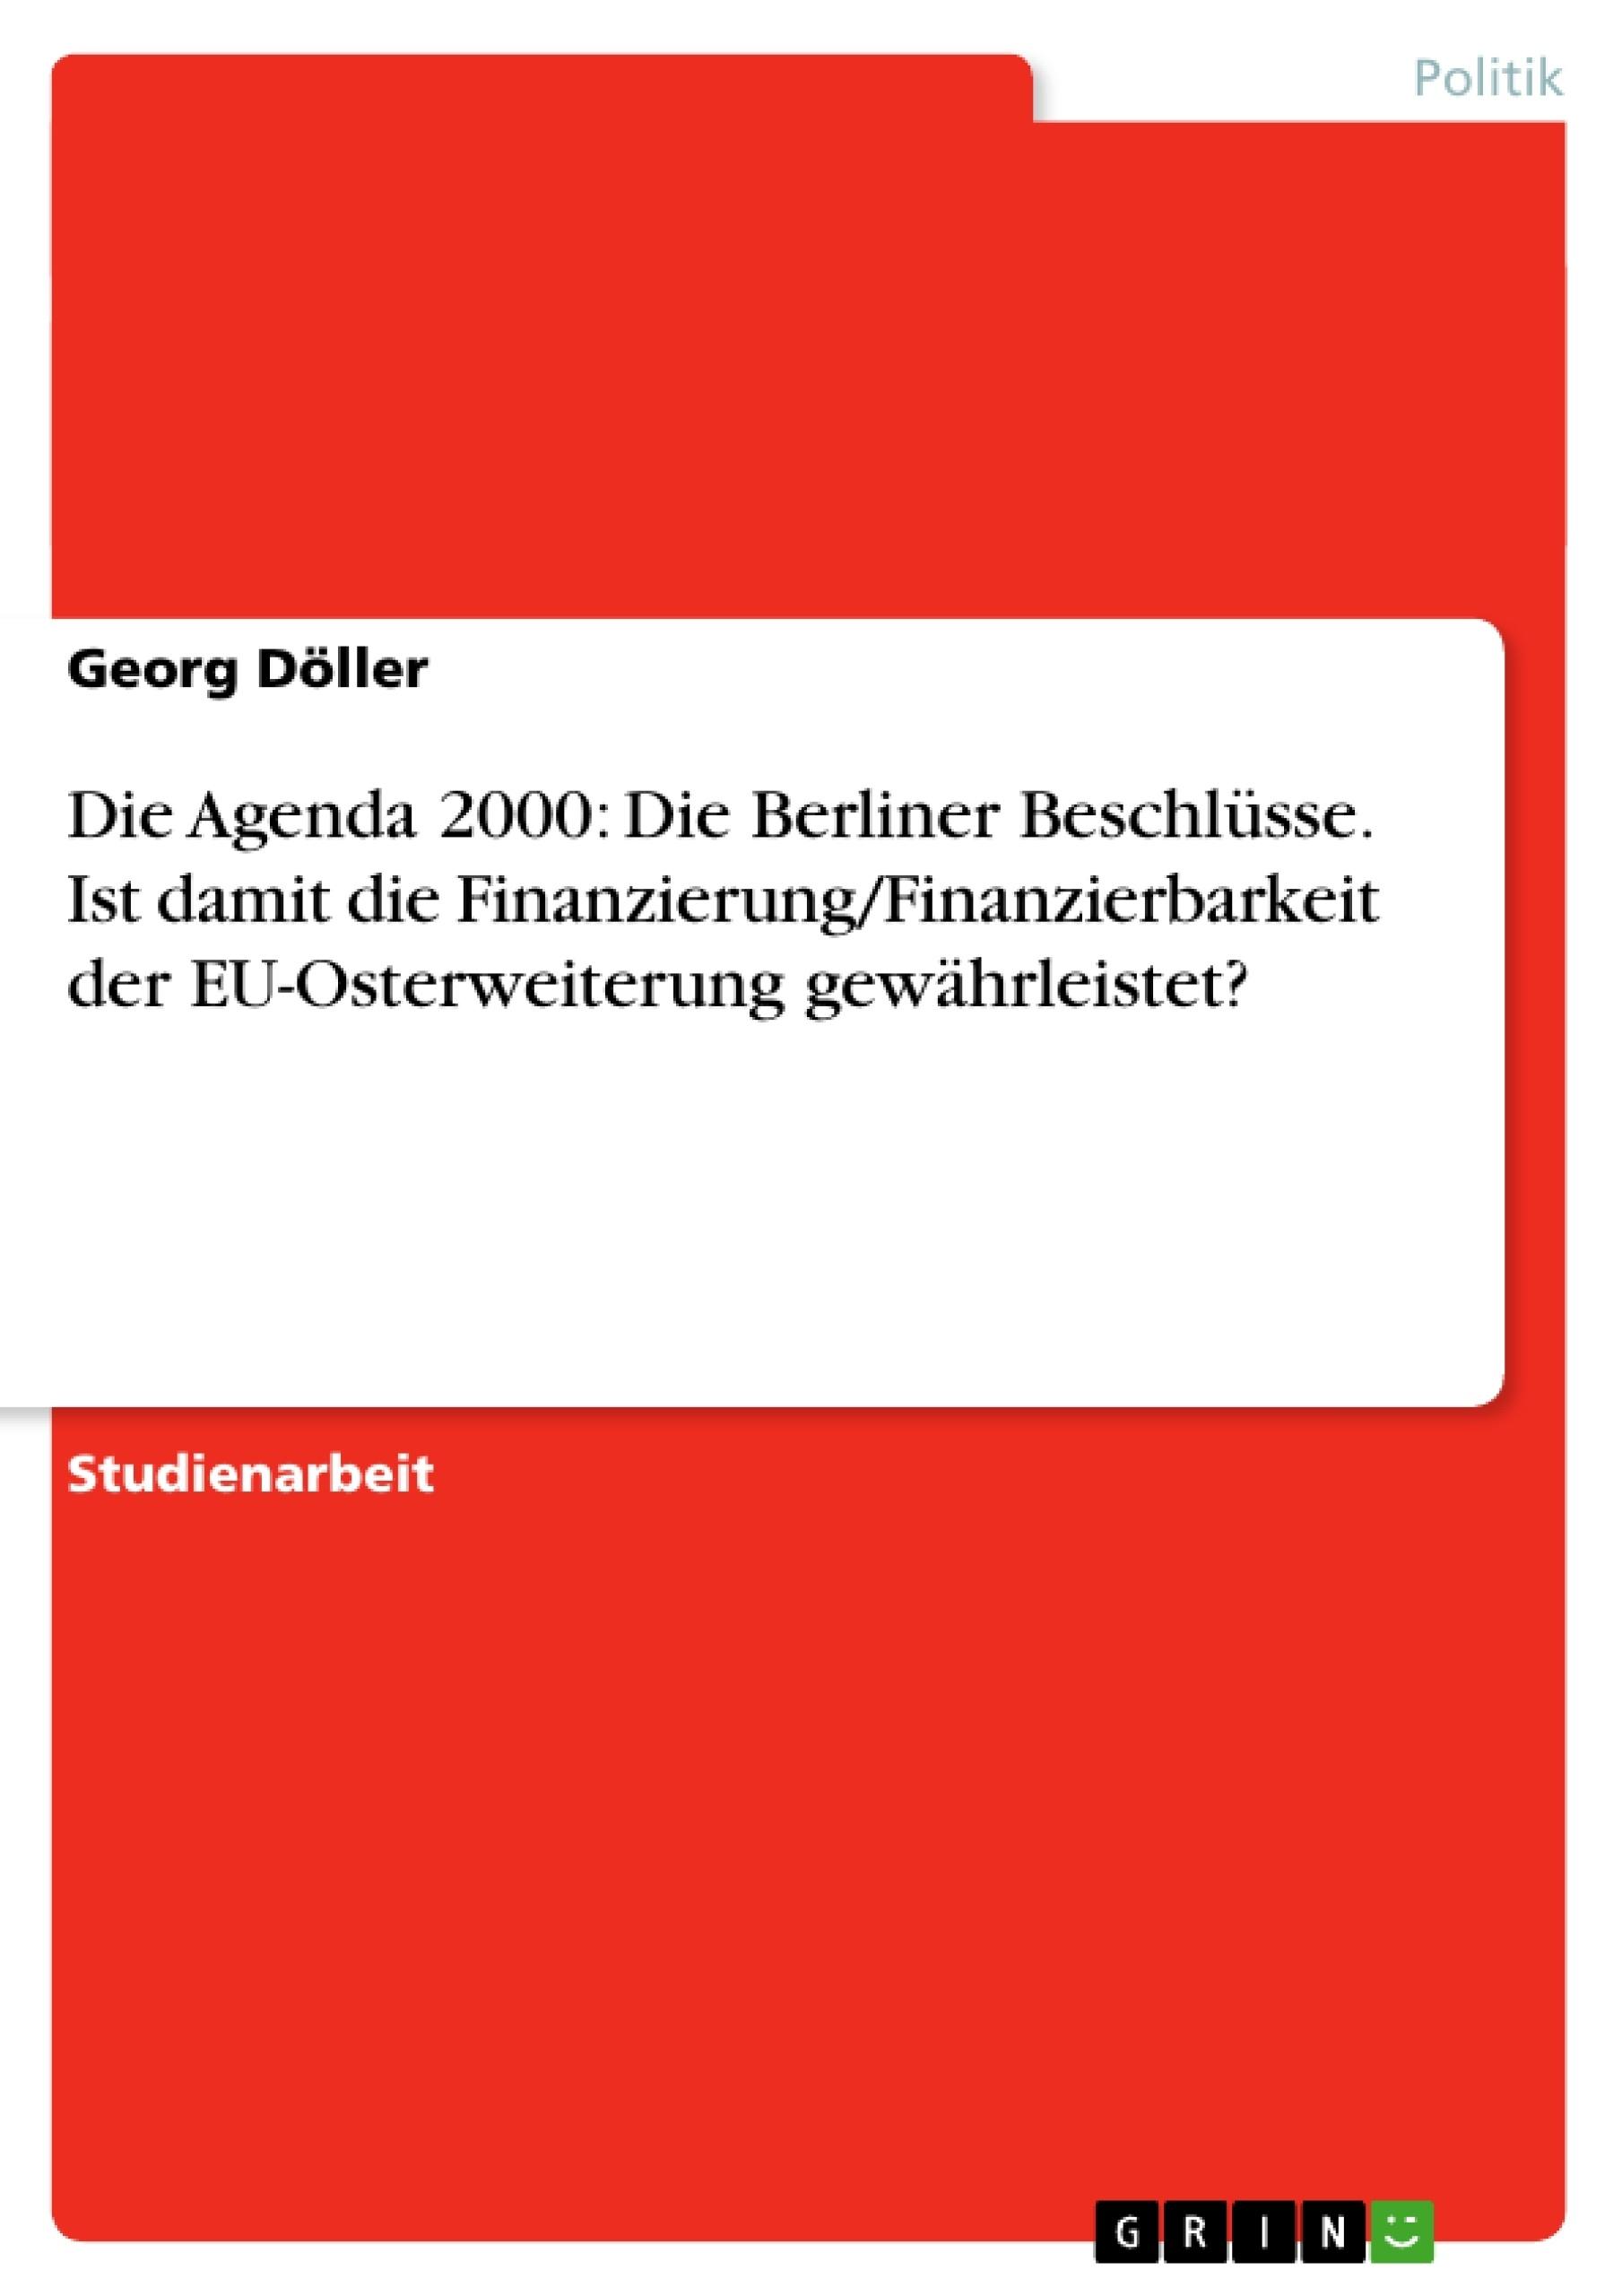 Titel: Die Agenda 2000: Die Berliner Beschlüsse. Ist damit die Finanzierung/Finanzierbarkeit der EU-Osterweiterung gewährleistet?